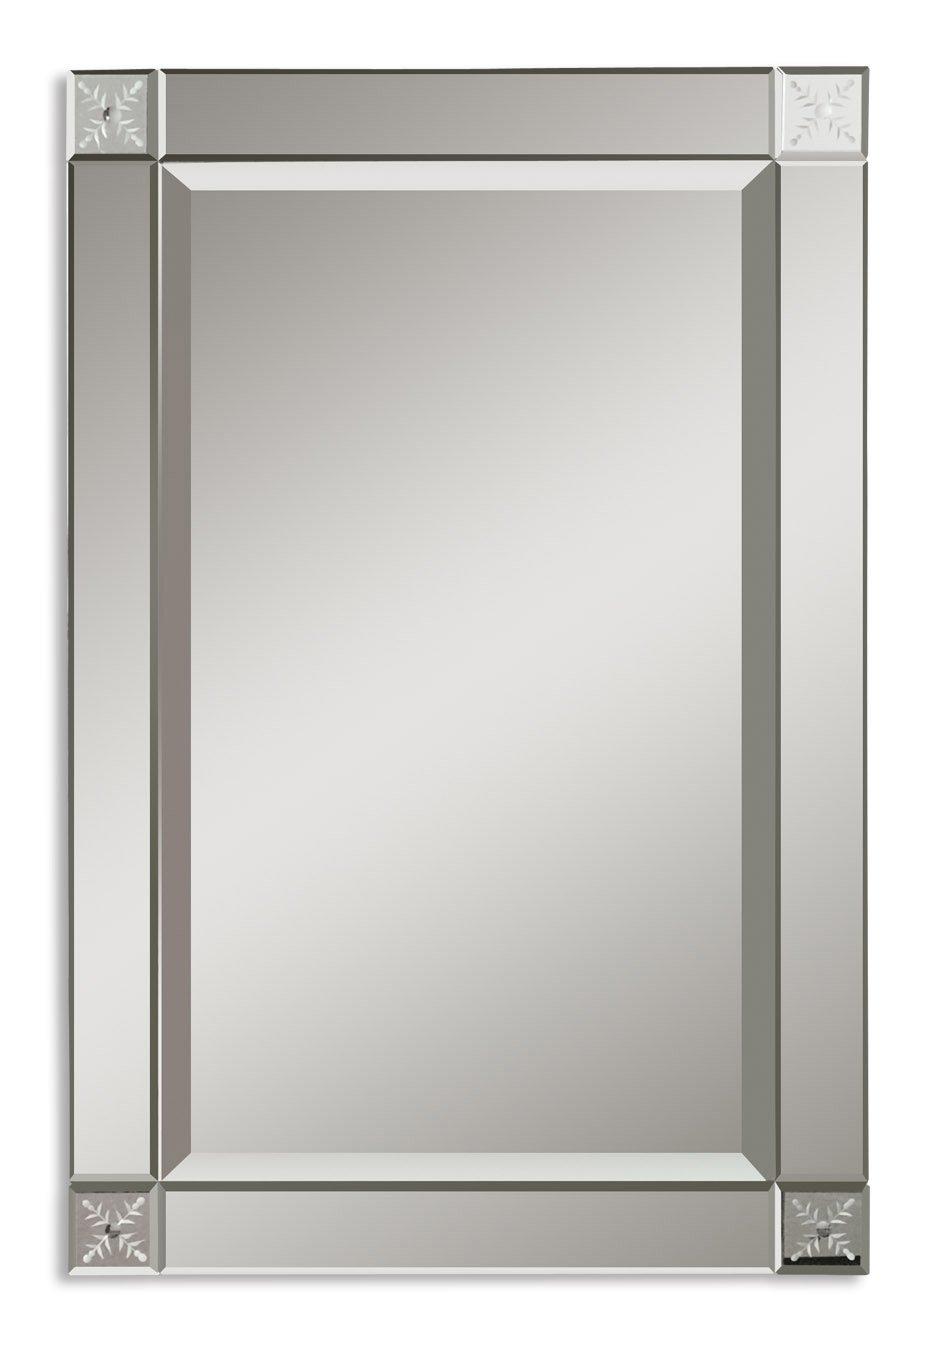 Amazon.com: Uttermost Emberlynn Mirror: Home & Kitchen